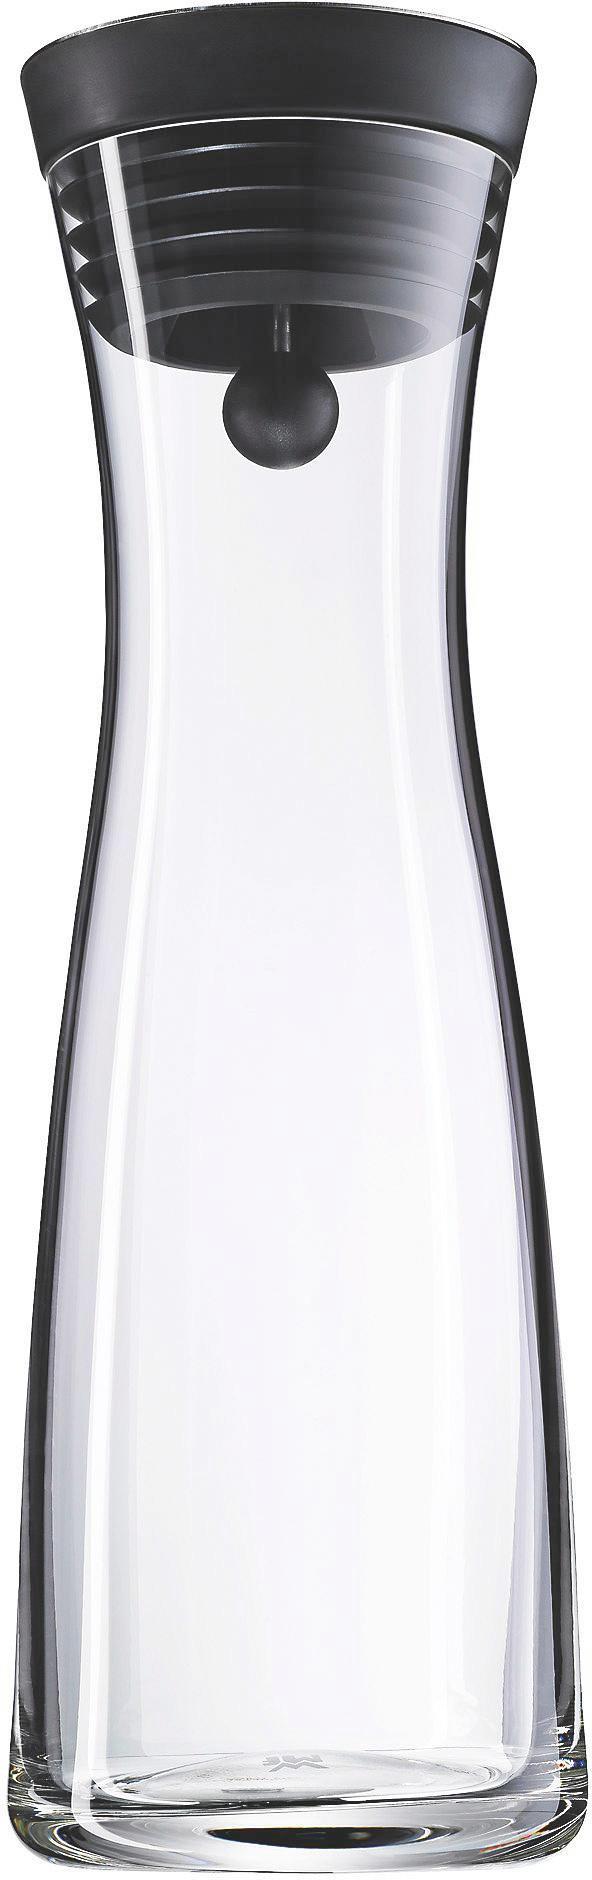 WASSERKARAFFE 1 L - Klar/Edelstahlfarben, Basics, Glas/Kunststoff (1l) - WMF